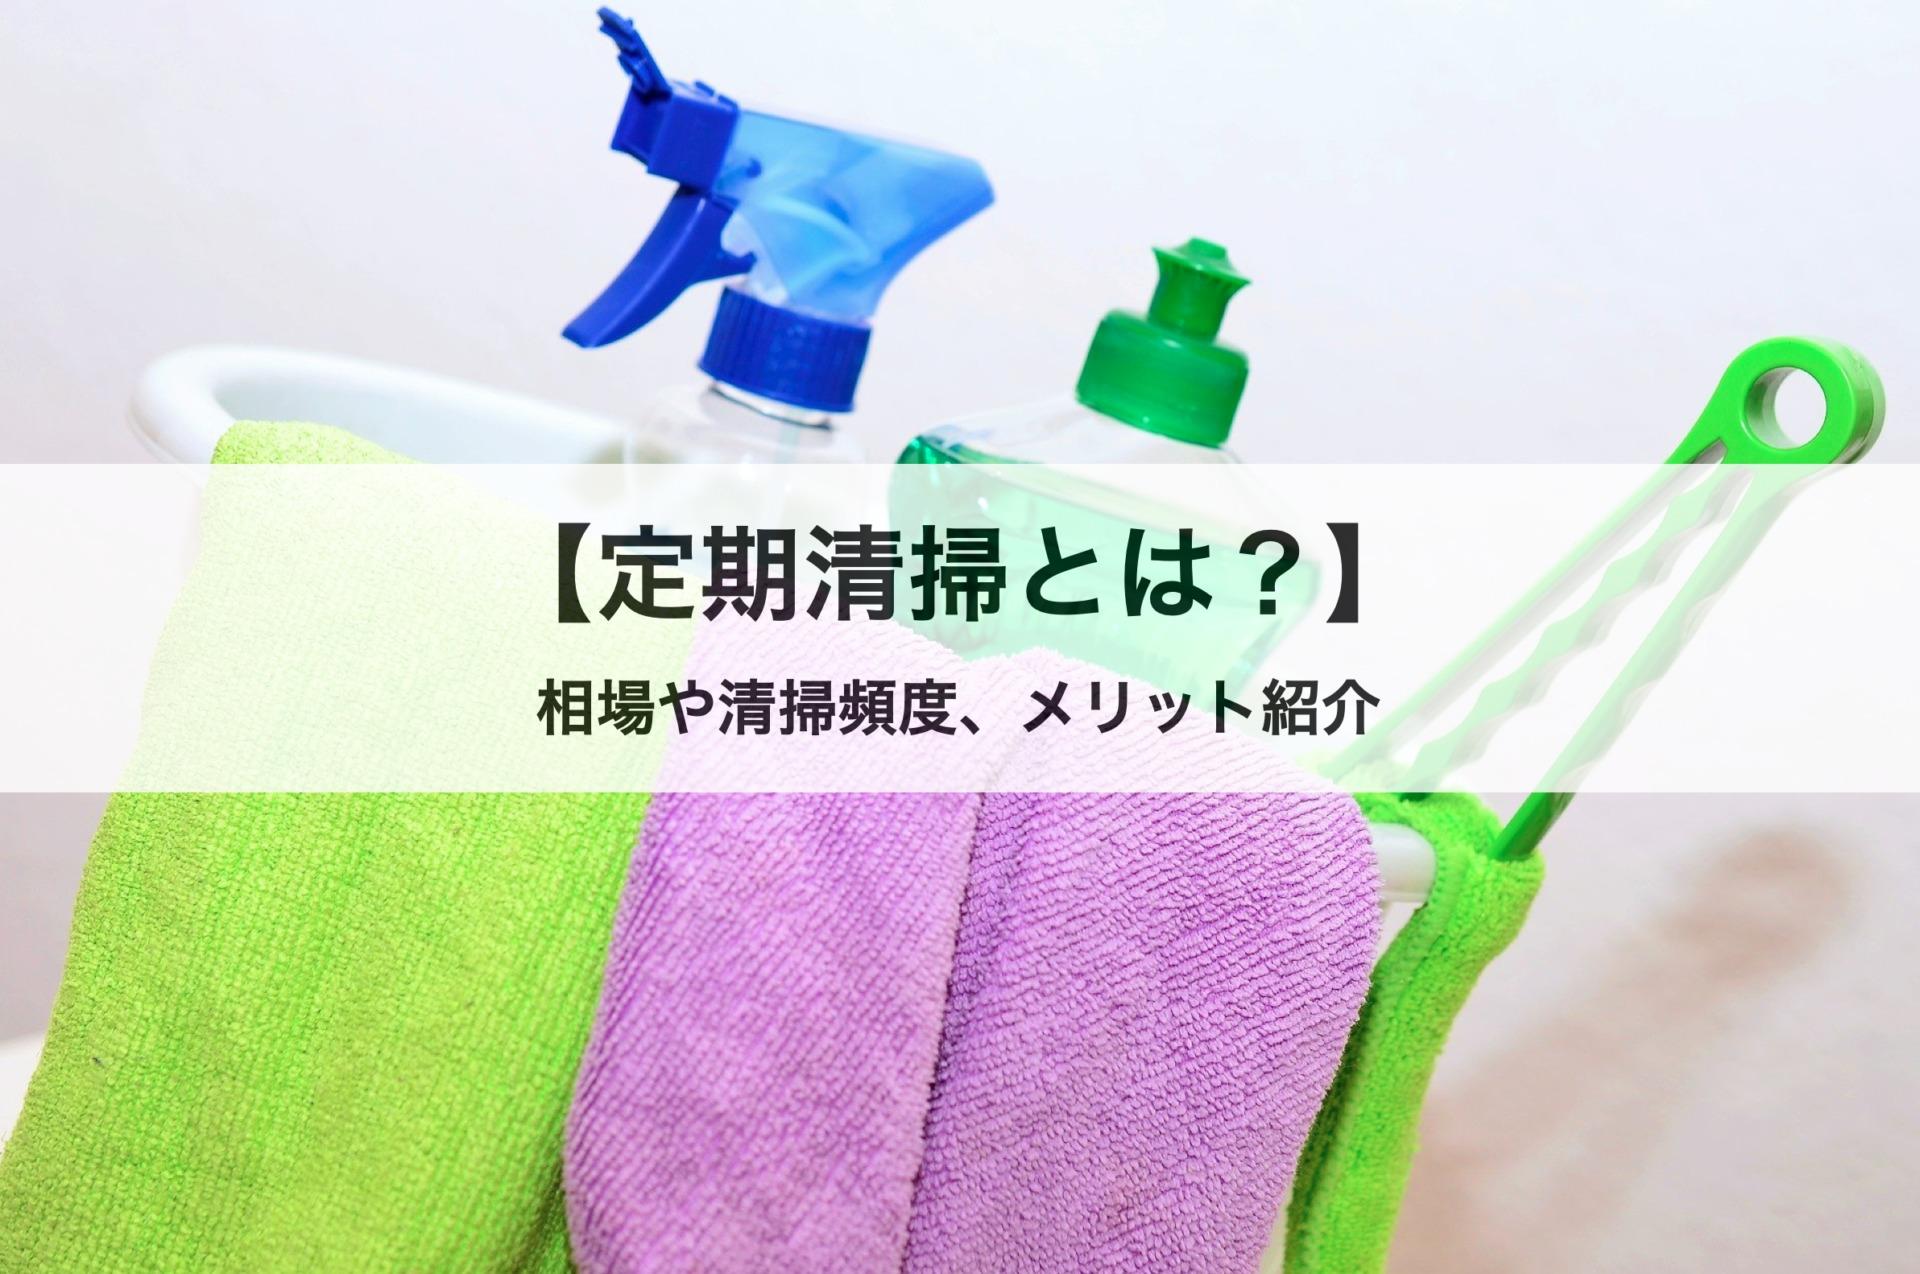 定期清掃とは?料金相場や清掃頻度、メリットについても紹介します!